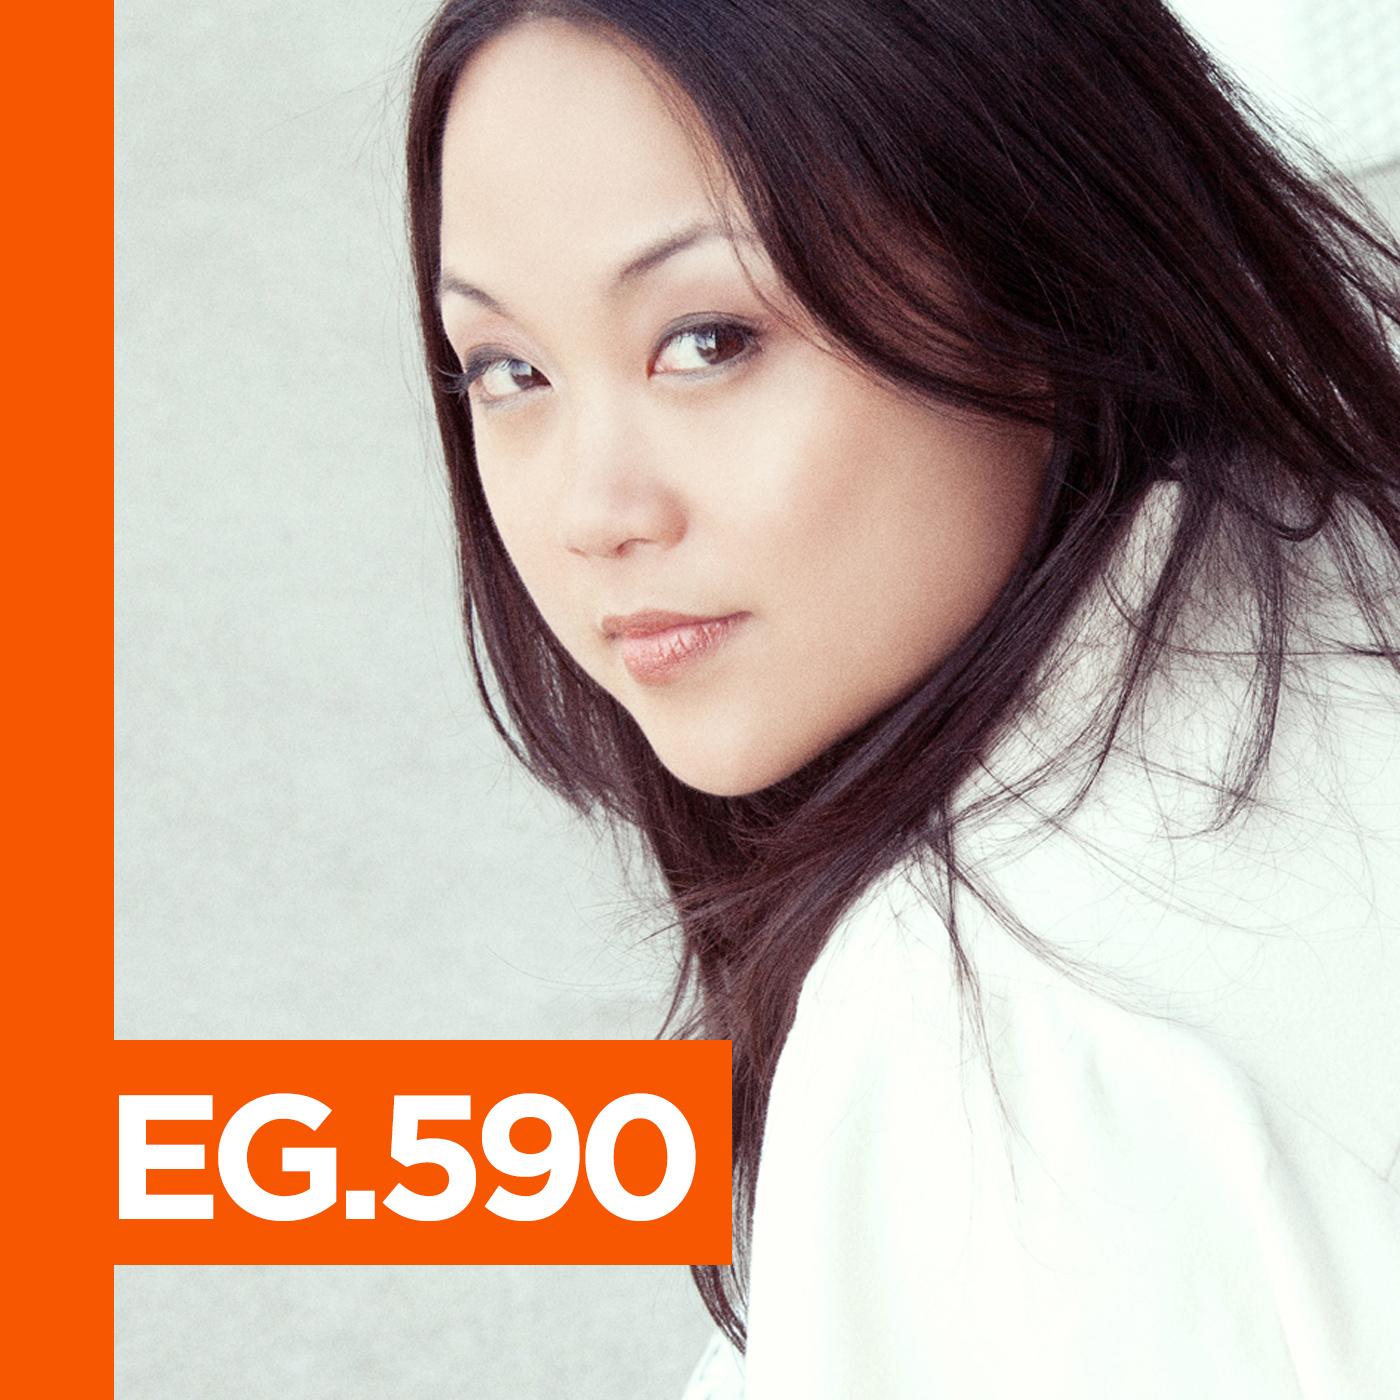 EG.590 Dory